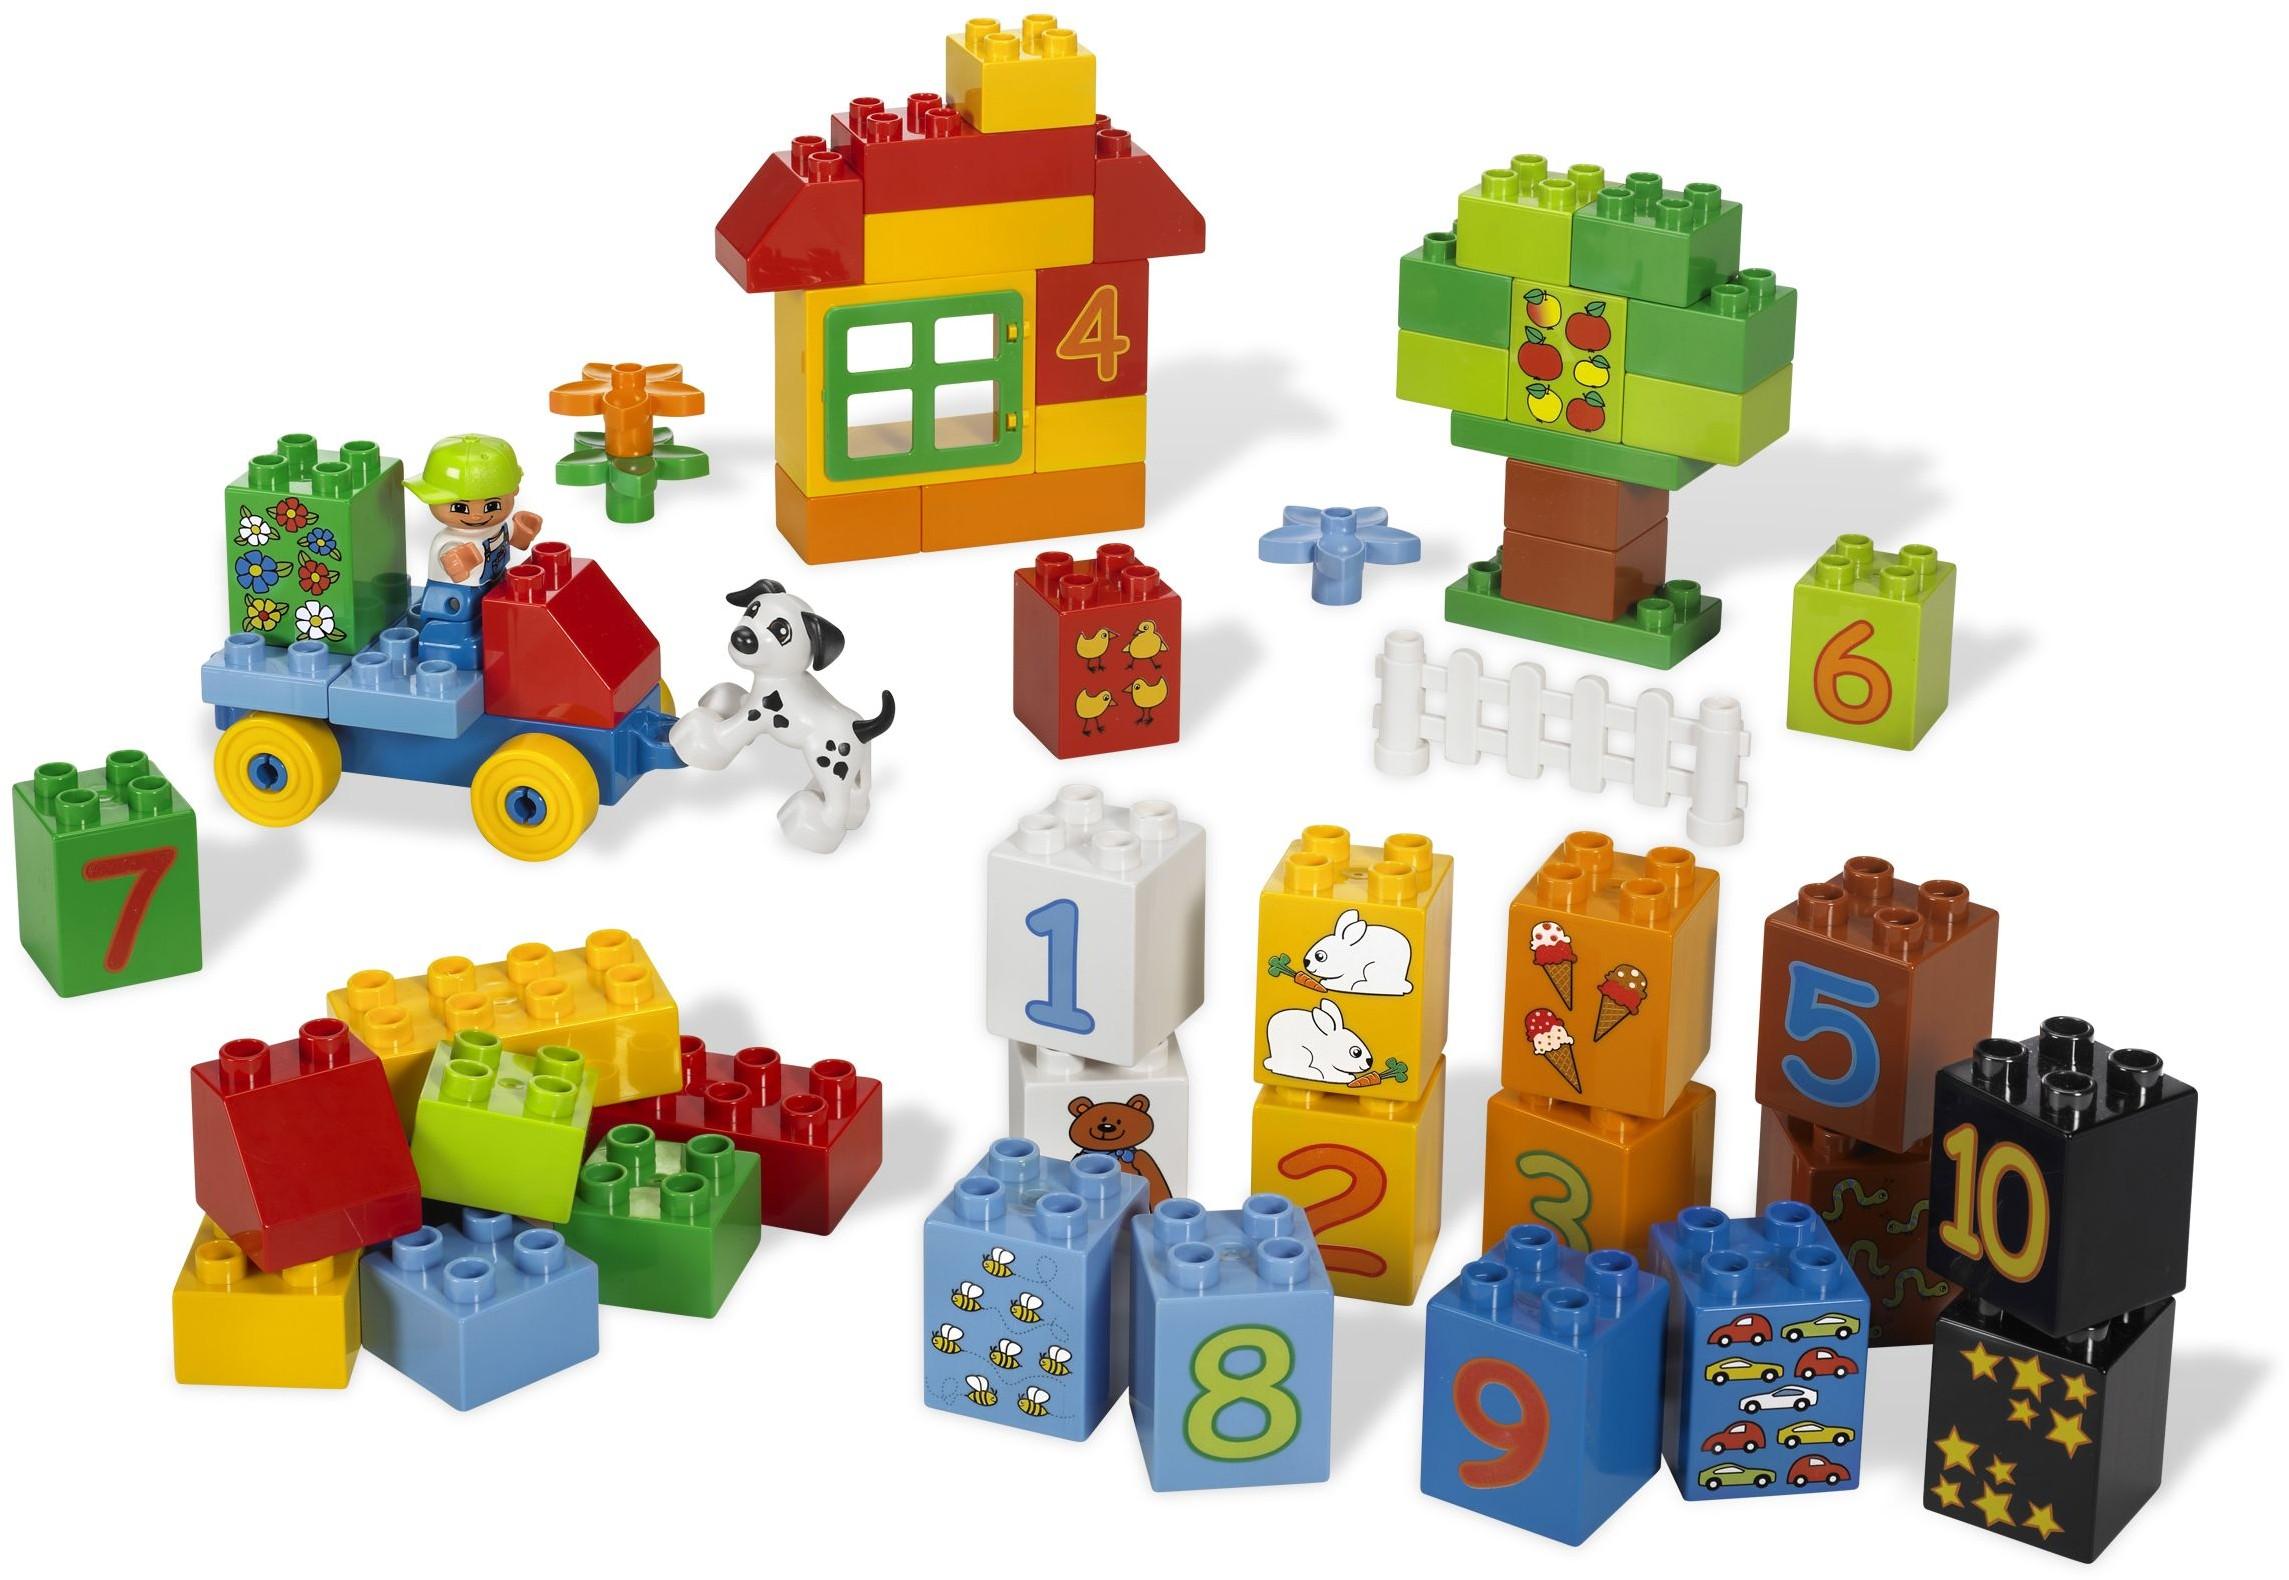 Duplo 2010 Brickset Lego Set Guide And Database